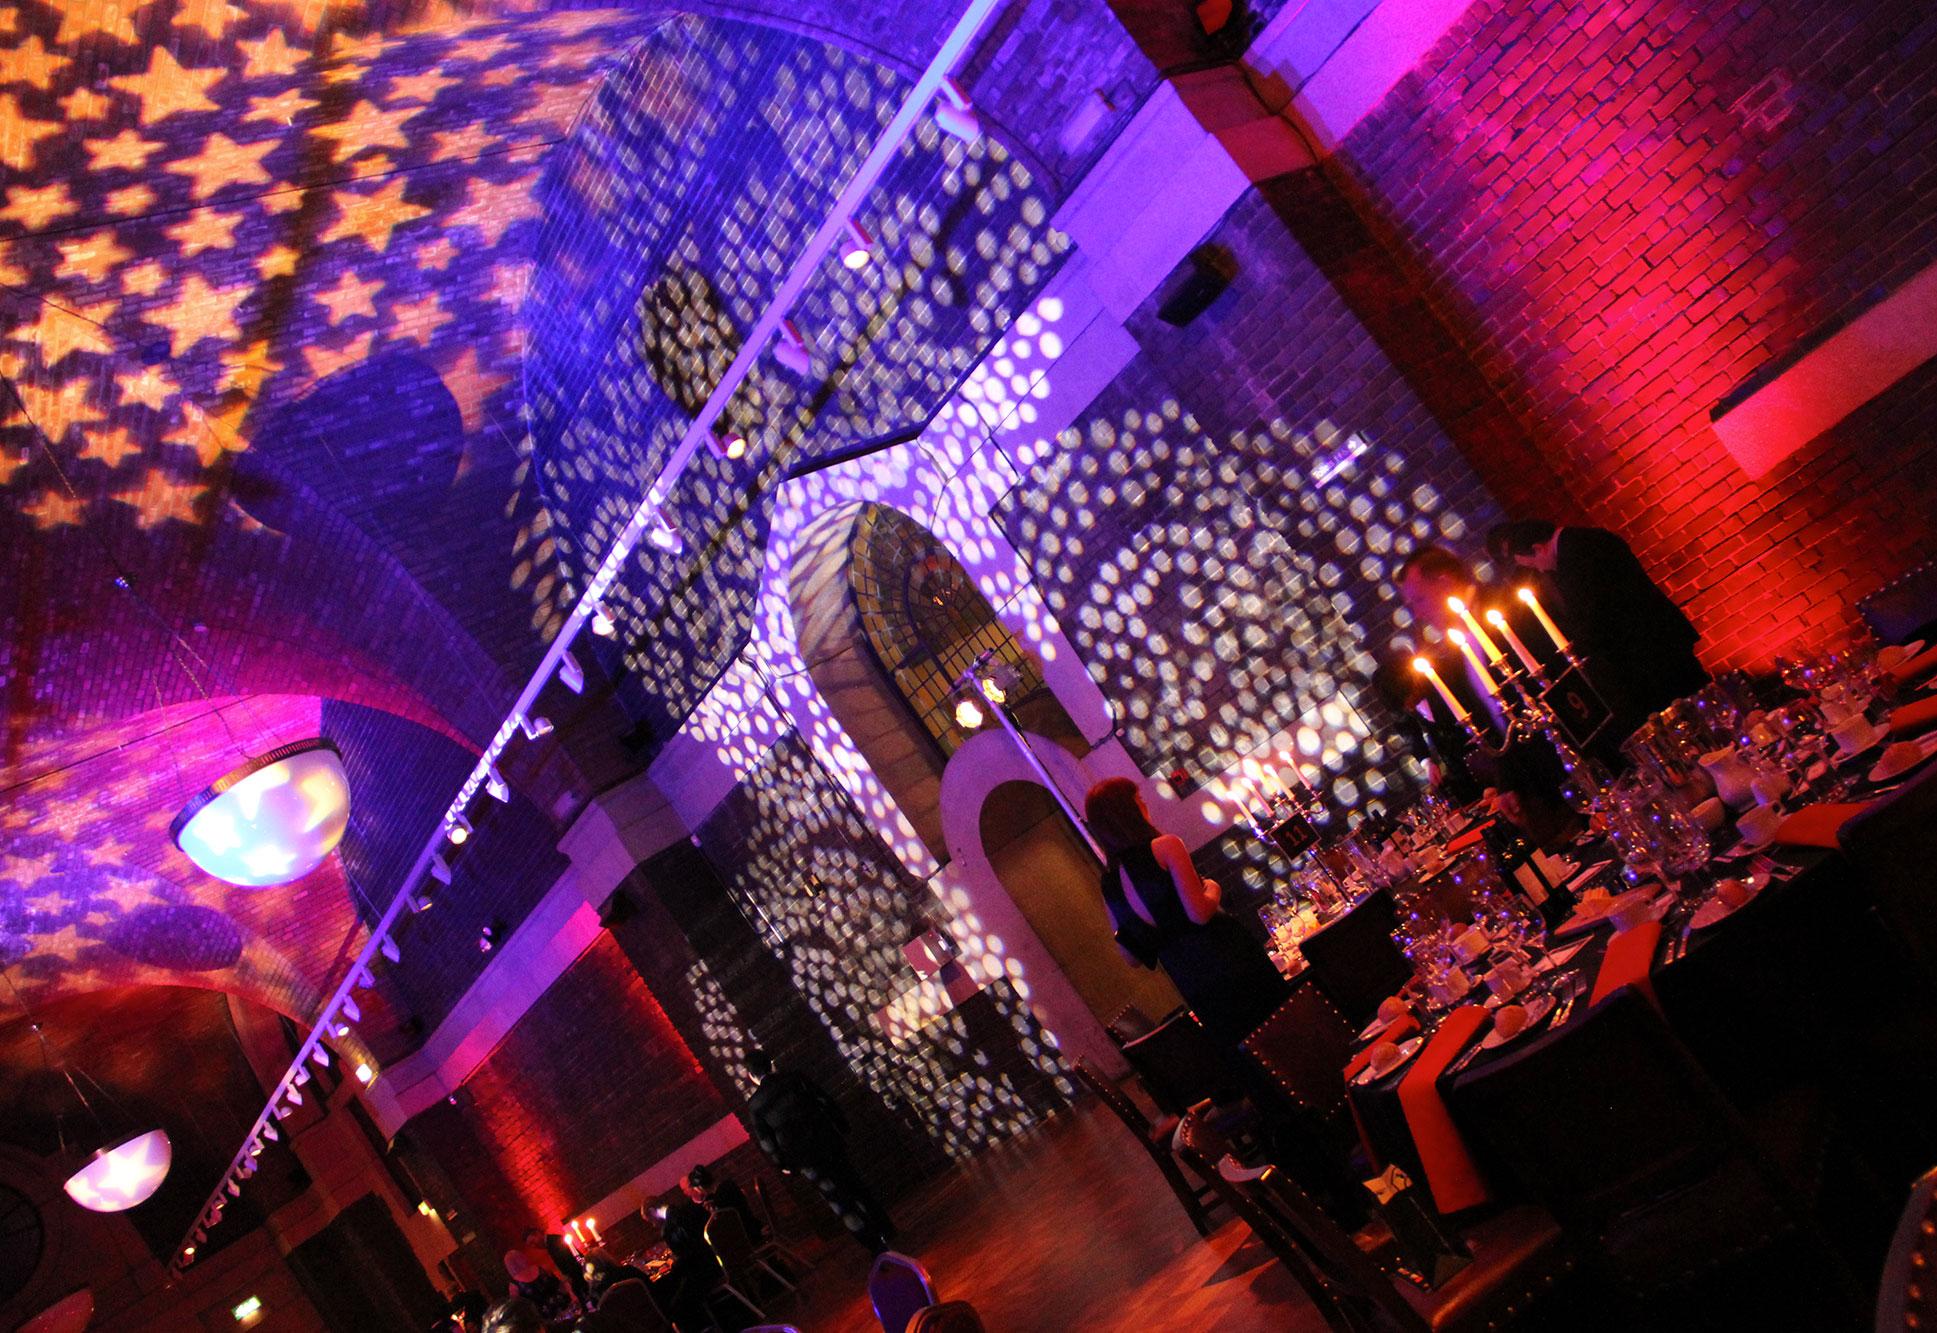 Lighting & AV at Lutyens Crypt for a Charity Ball